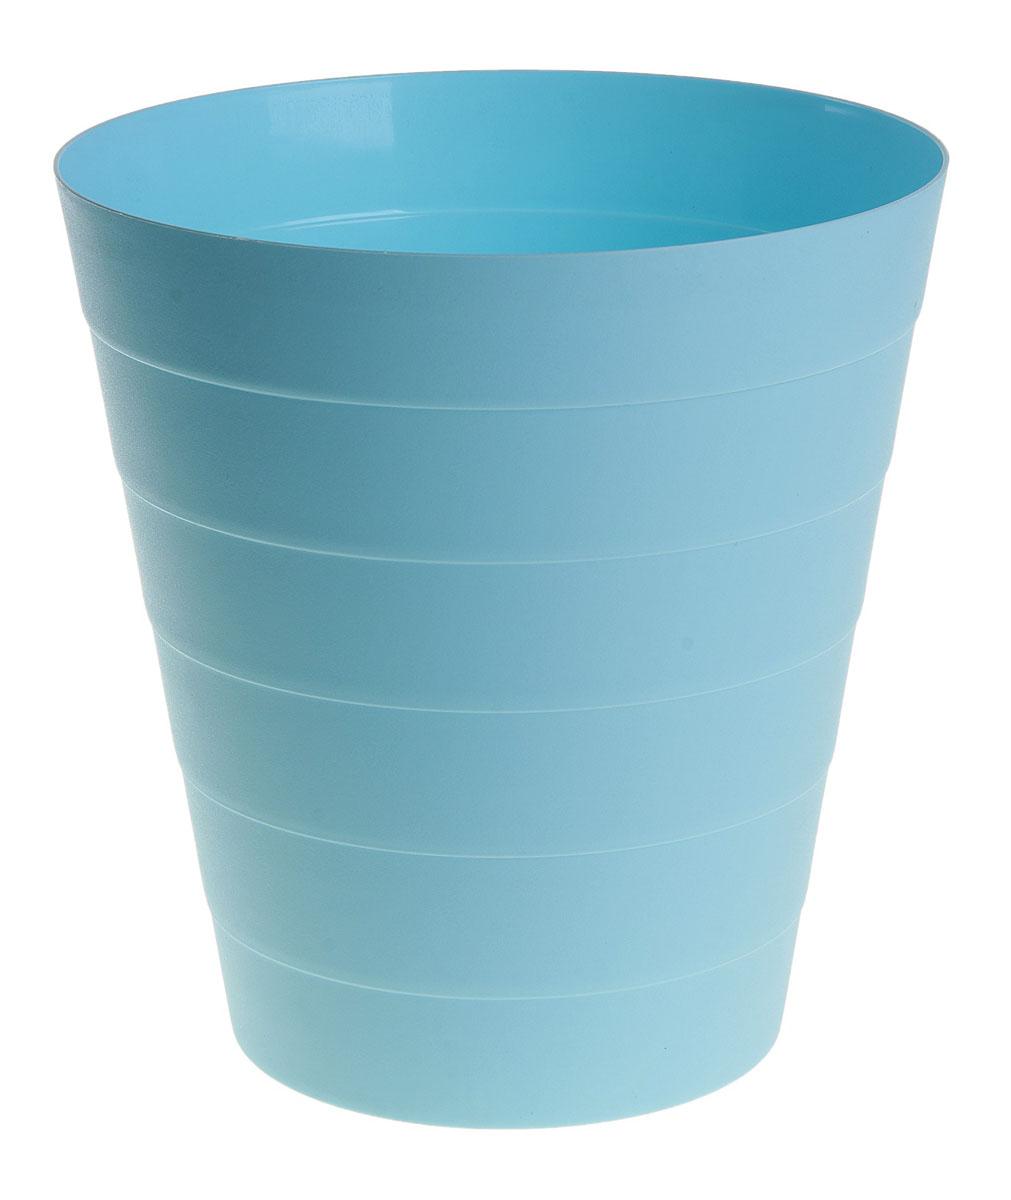 Ведро Sima-land, цвет: голубой, высота 26 см147477Ведро Sima-land изготовлено из прочного пластика, что обеспечит долгий срок службы и легкую чистку. Ведро предназначено для складывания мусора, различных мелких предметов и материалов. Ведро Sima-land будет вам надежным помощником по хозяйству. Диаметр ведра: 24 см. Высота стенки: 26 см. Диаметр дна: 15,5 см.